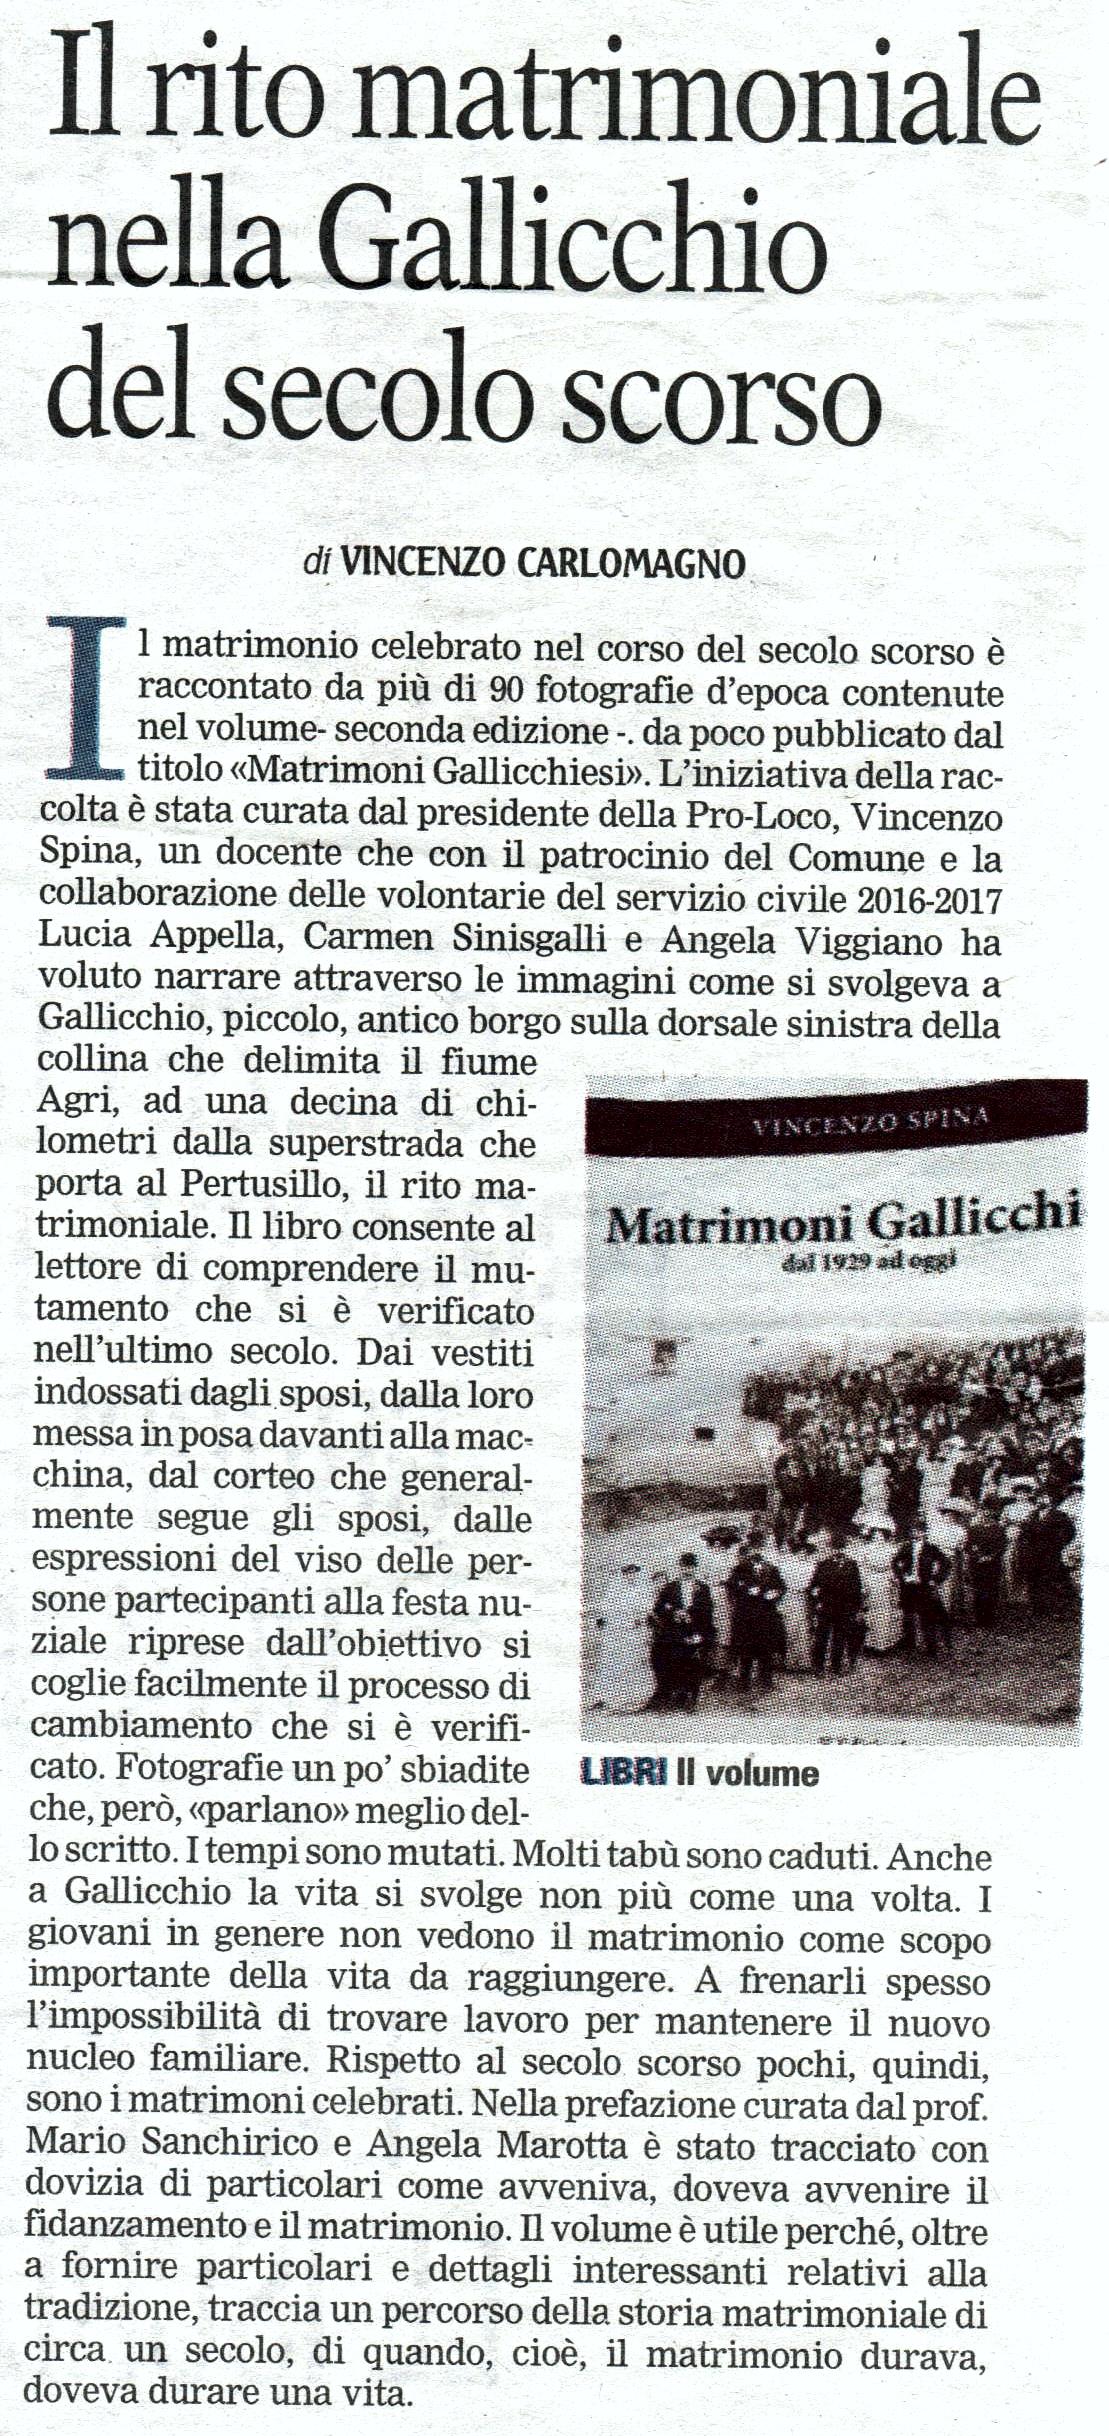 Matrimoni gallicchiesi